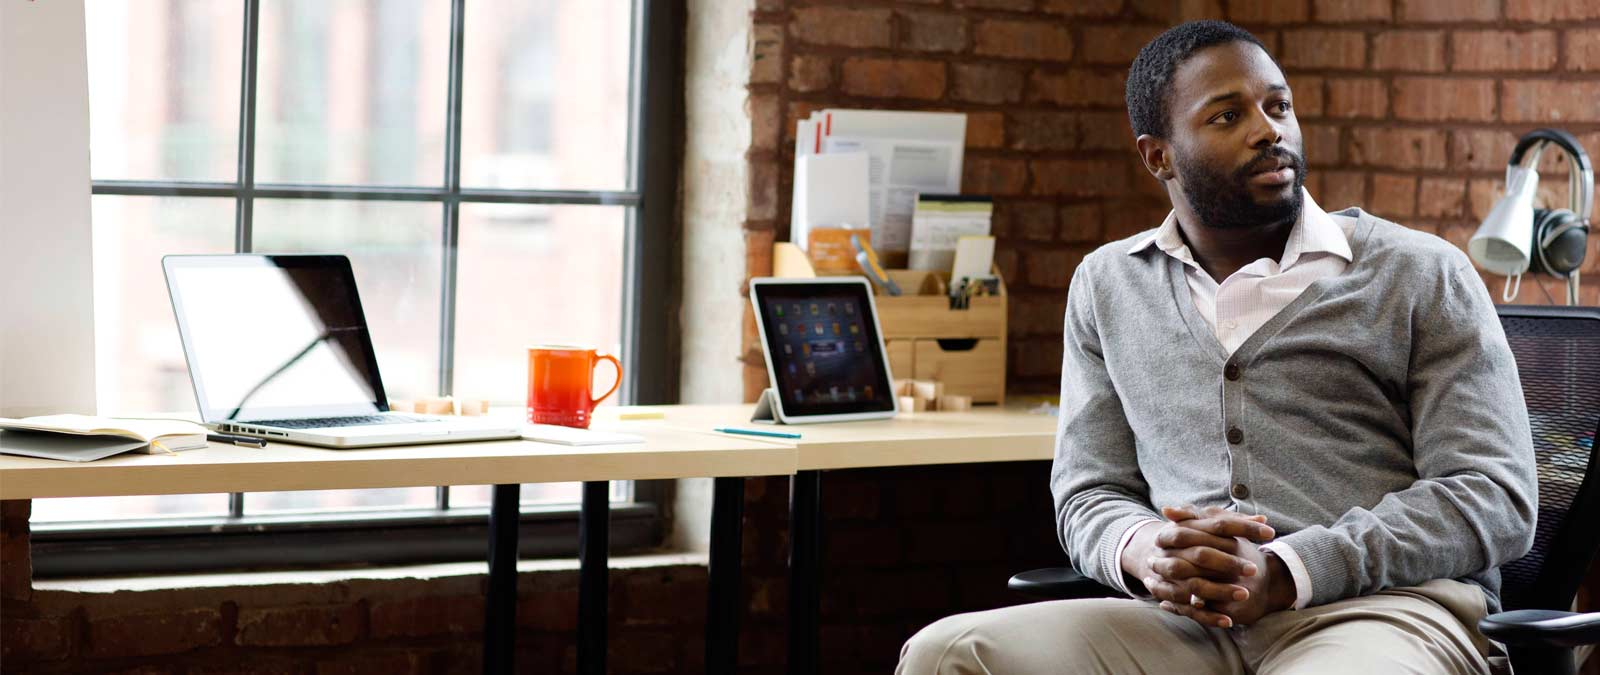 एक टैबलेट और लैपटॉप के साथ डेस्क पर बैठा एक व्यक्ति, Office 365 Business Premium उपयोग करते हुए.